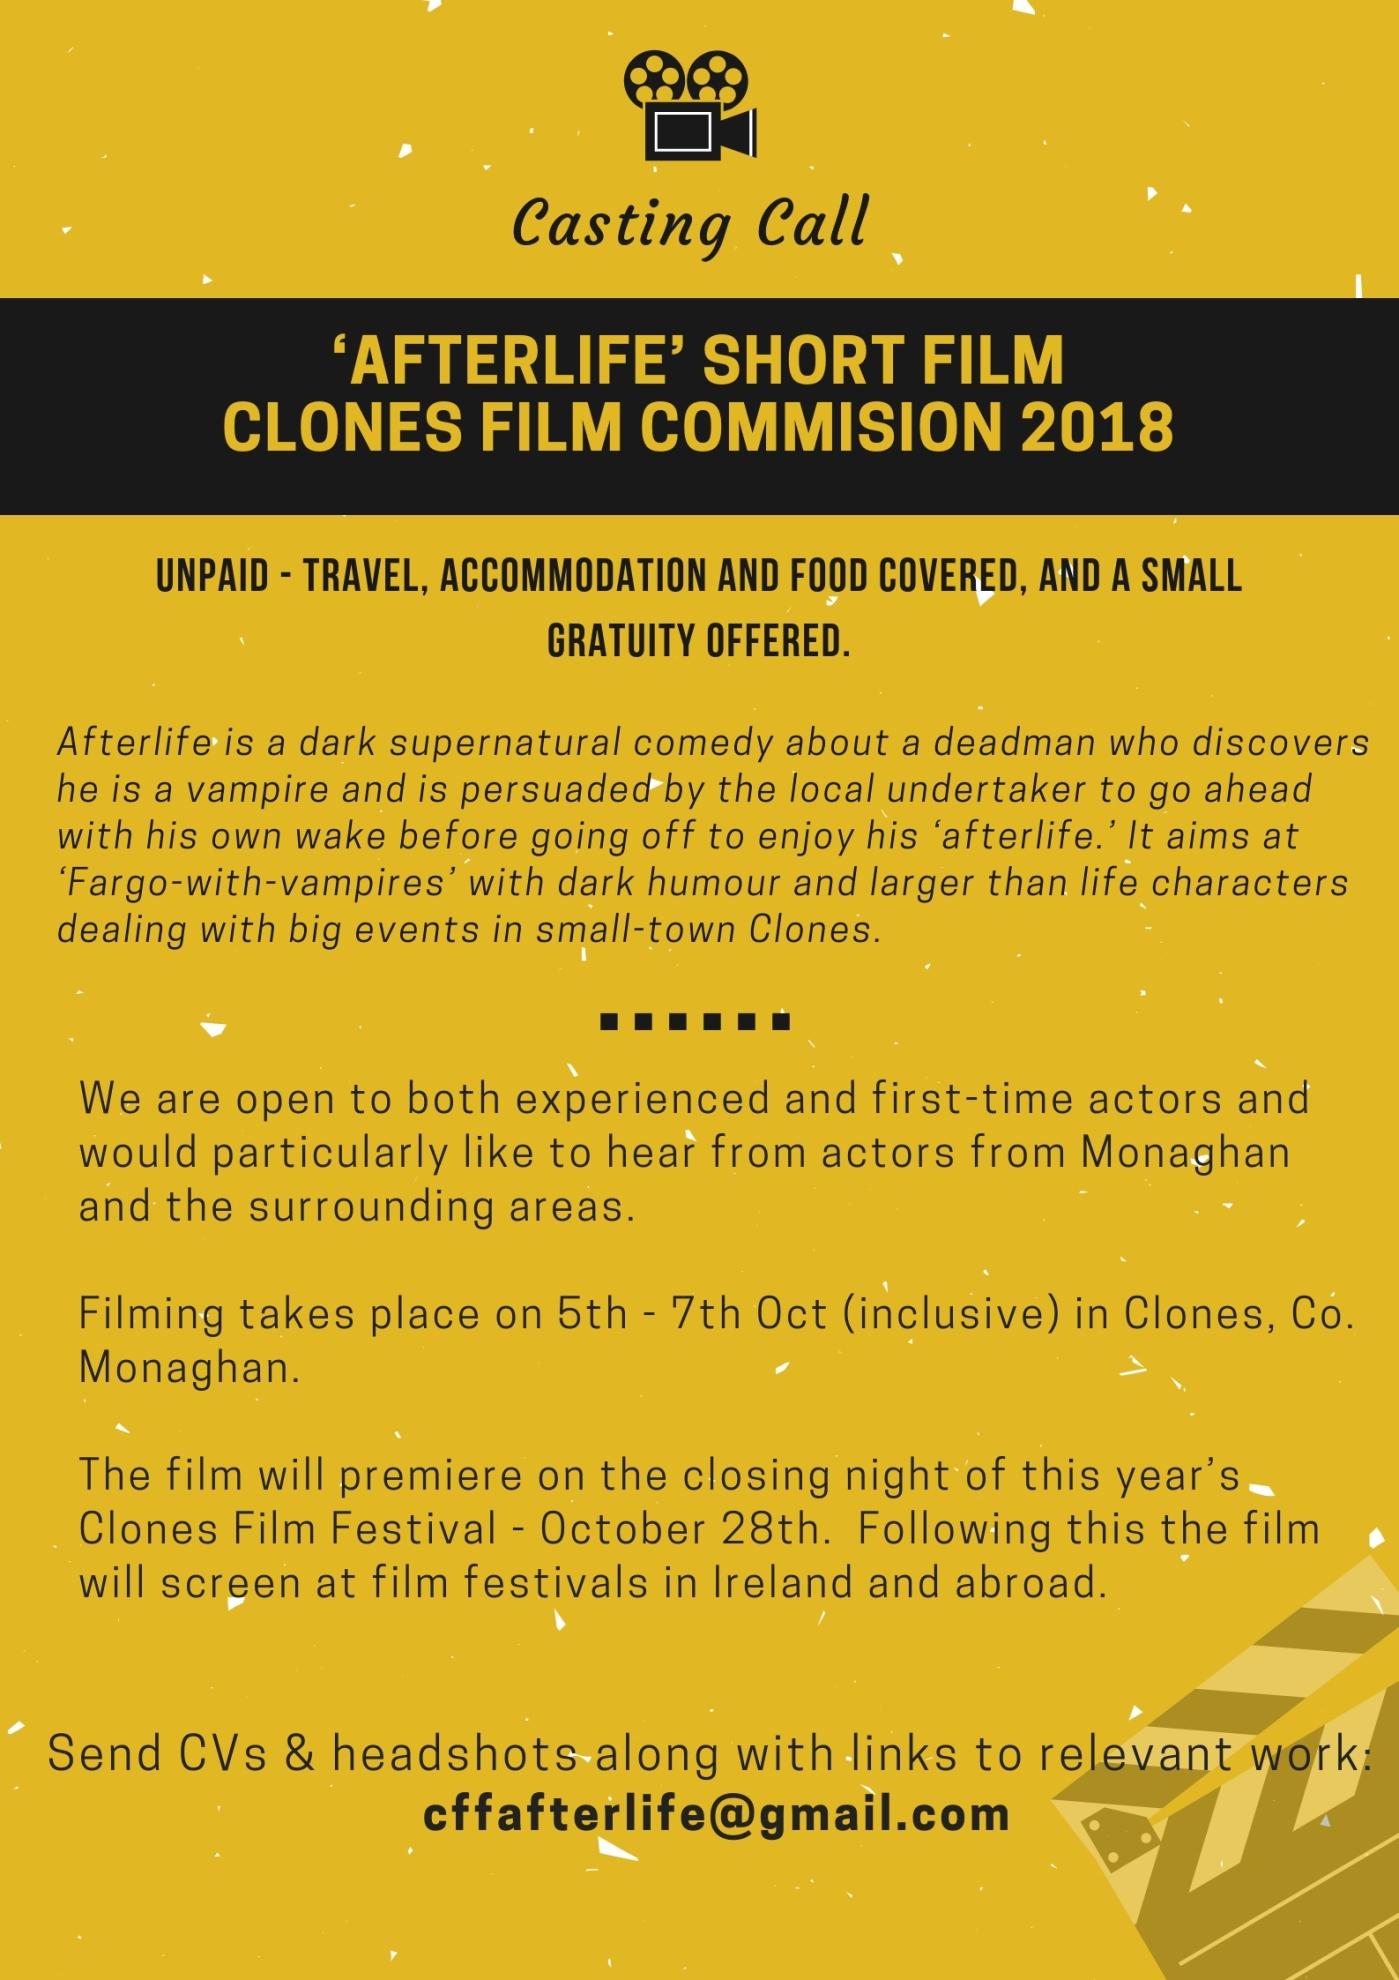 Casting Call For Short Film Clones Film Commission 2018